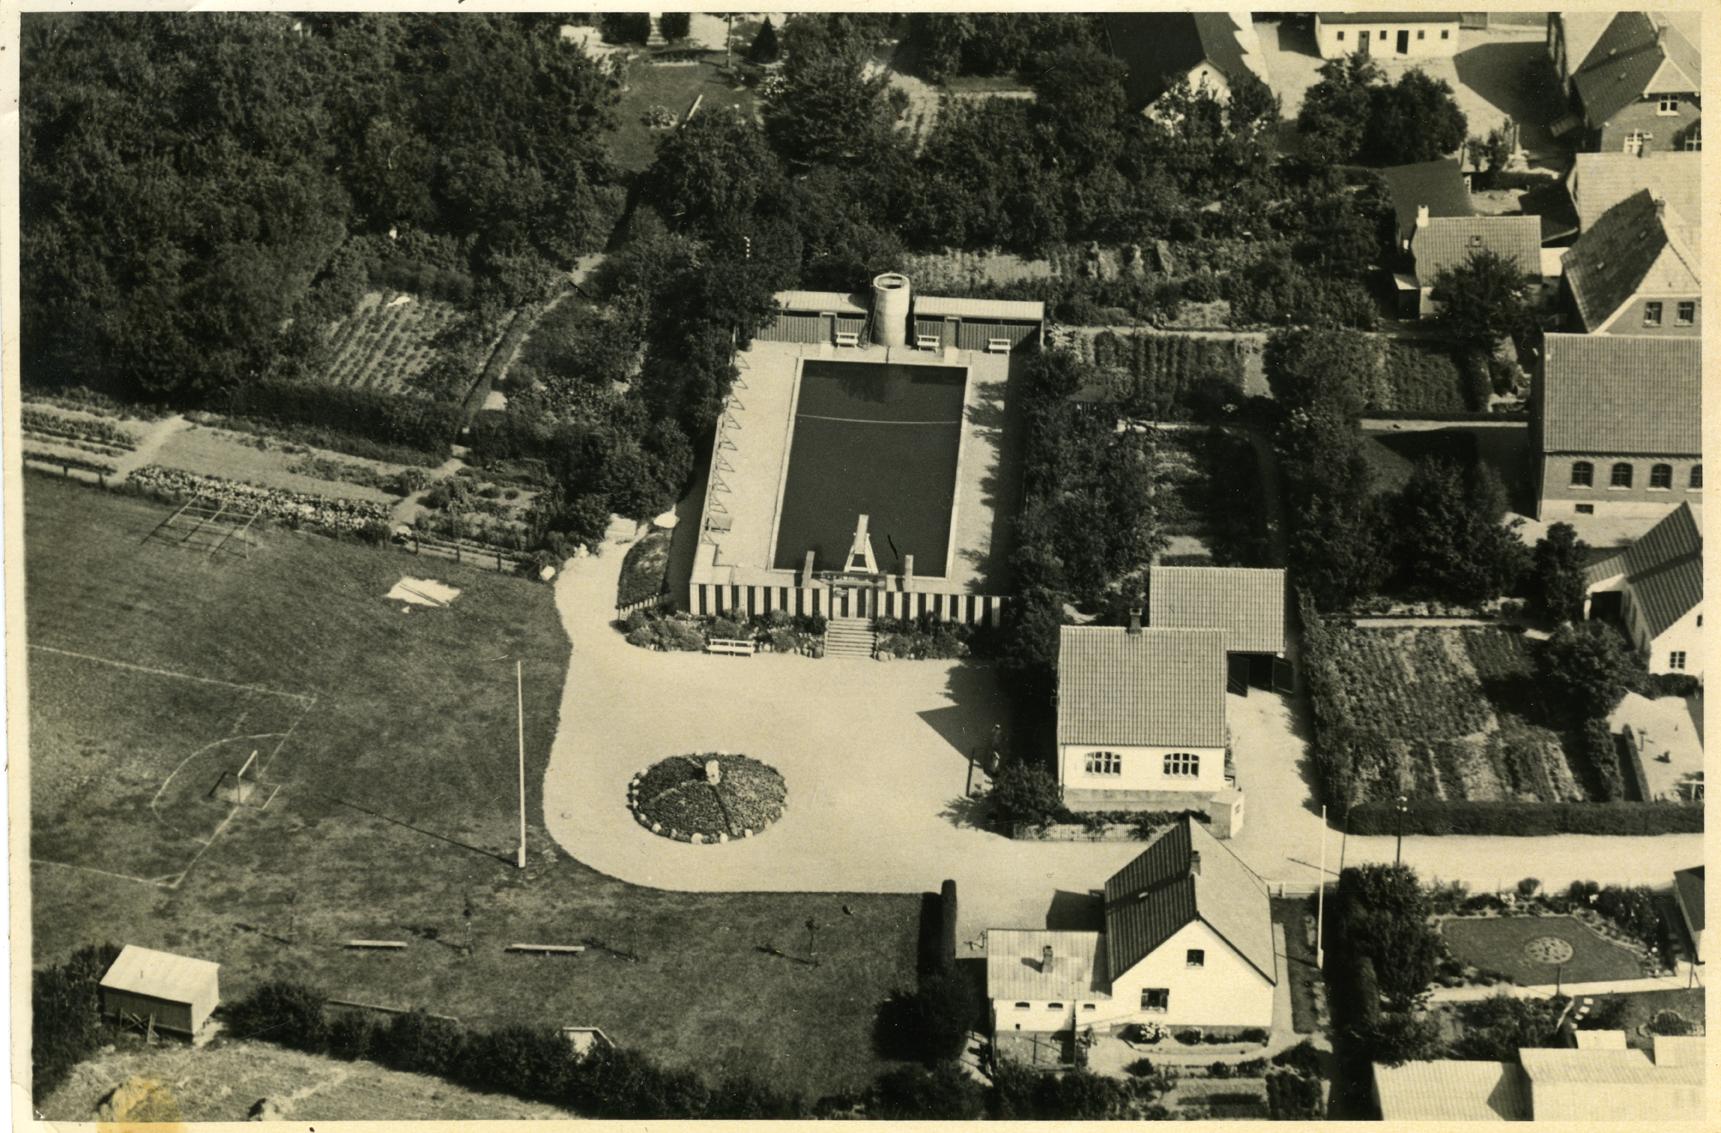 Ugerløse Friluftsbad inden Idrætspladsen og skolen udbygning. Her ligger byens haver lige op til Friluftsbadet.